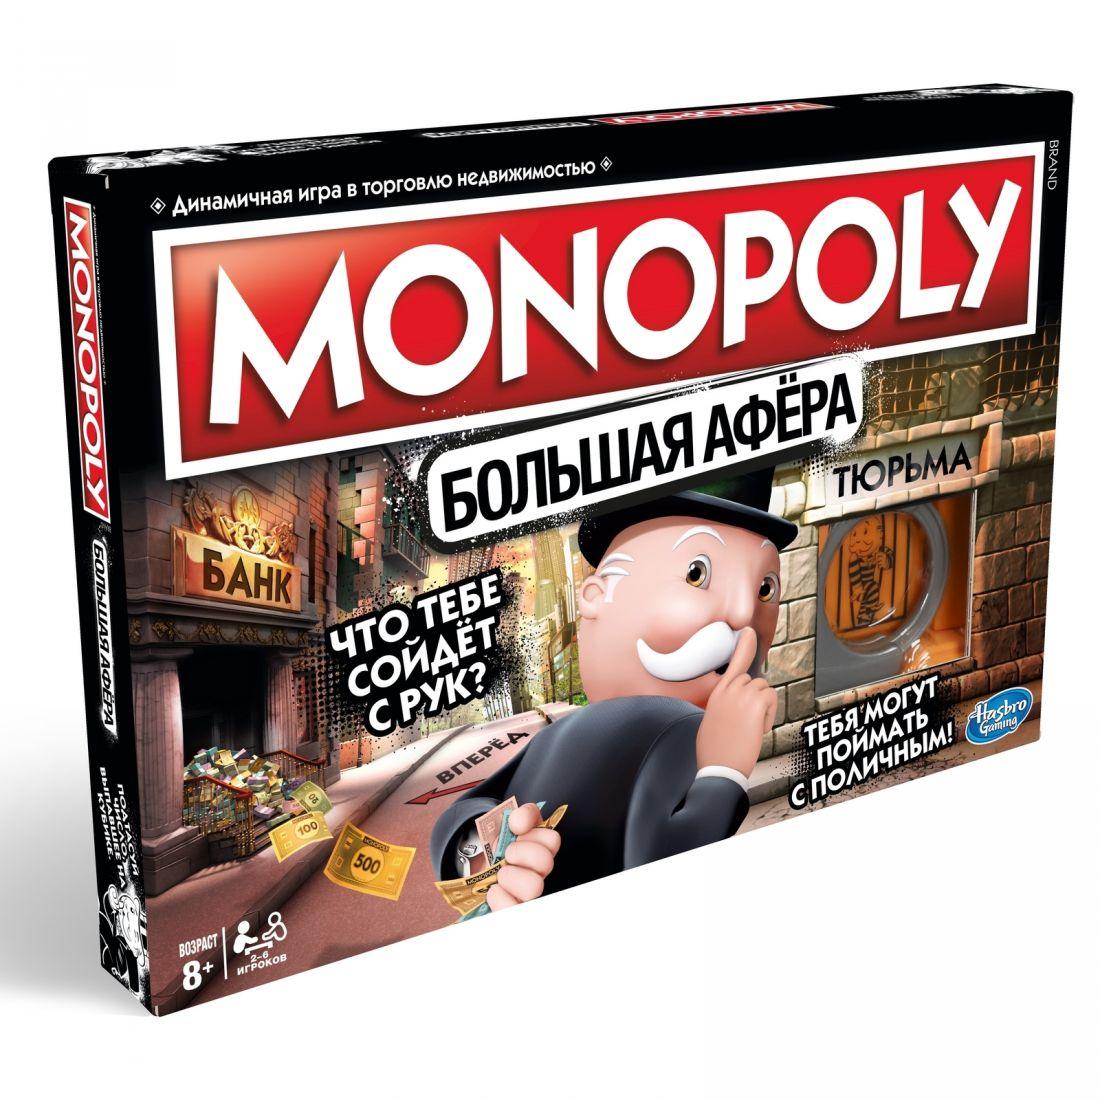 Прокат Монополия / MONOPOLY: Большая афёра